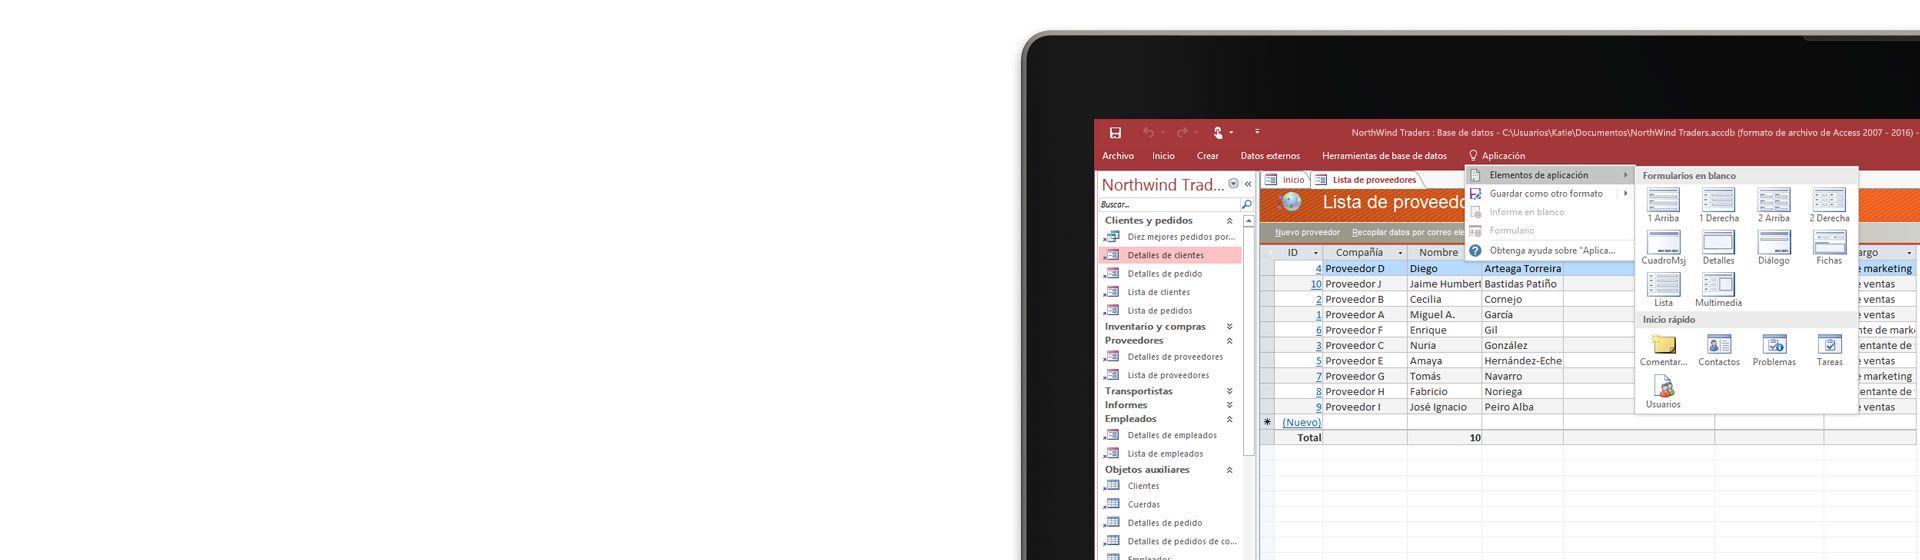 La esquina de la pantalla de un equipo que muestra una lista de proveedores en una base de datos de Microsoft Access